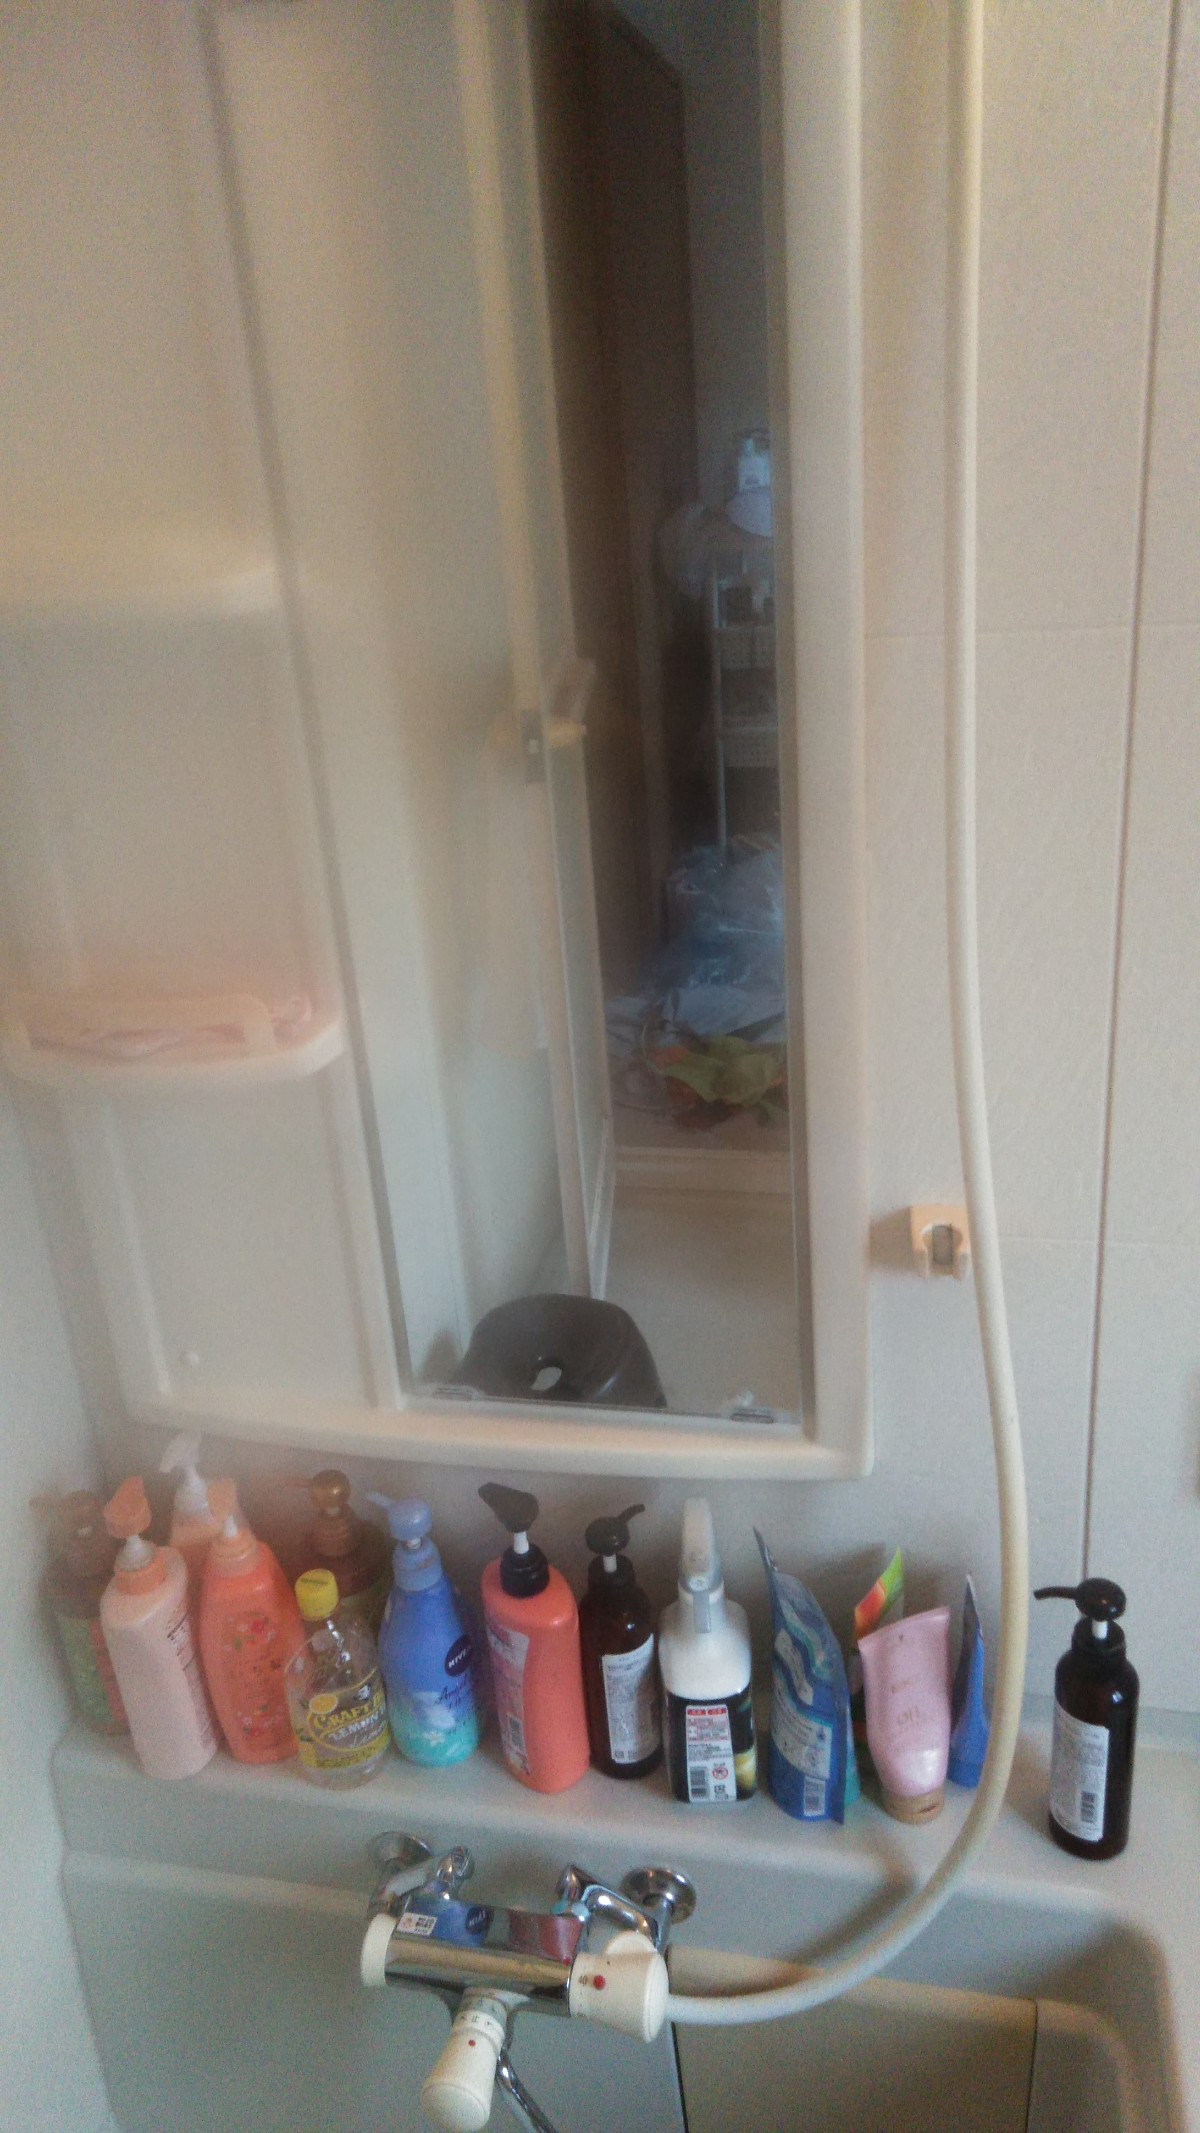 浴室の鏡の水垢がひどくて、キレイにしたい!After